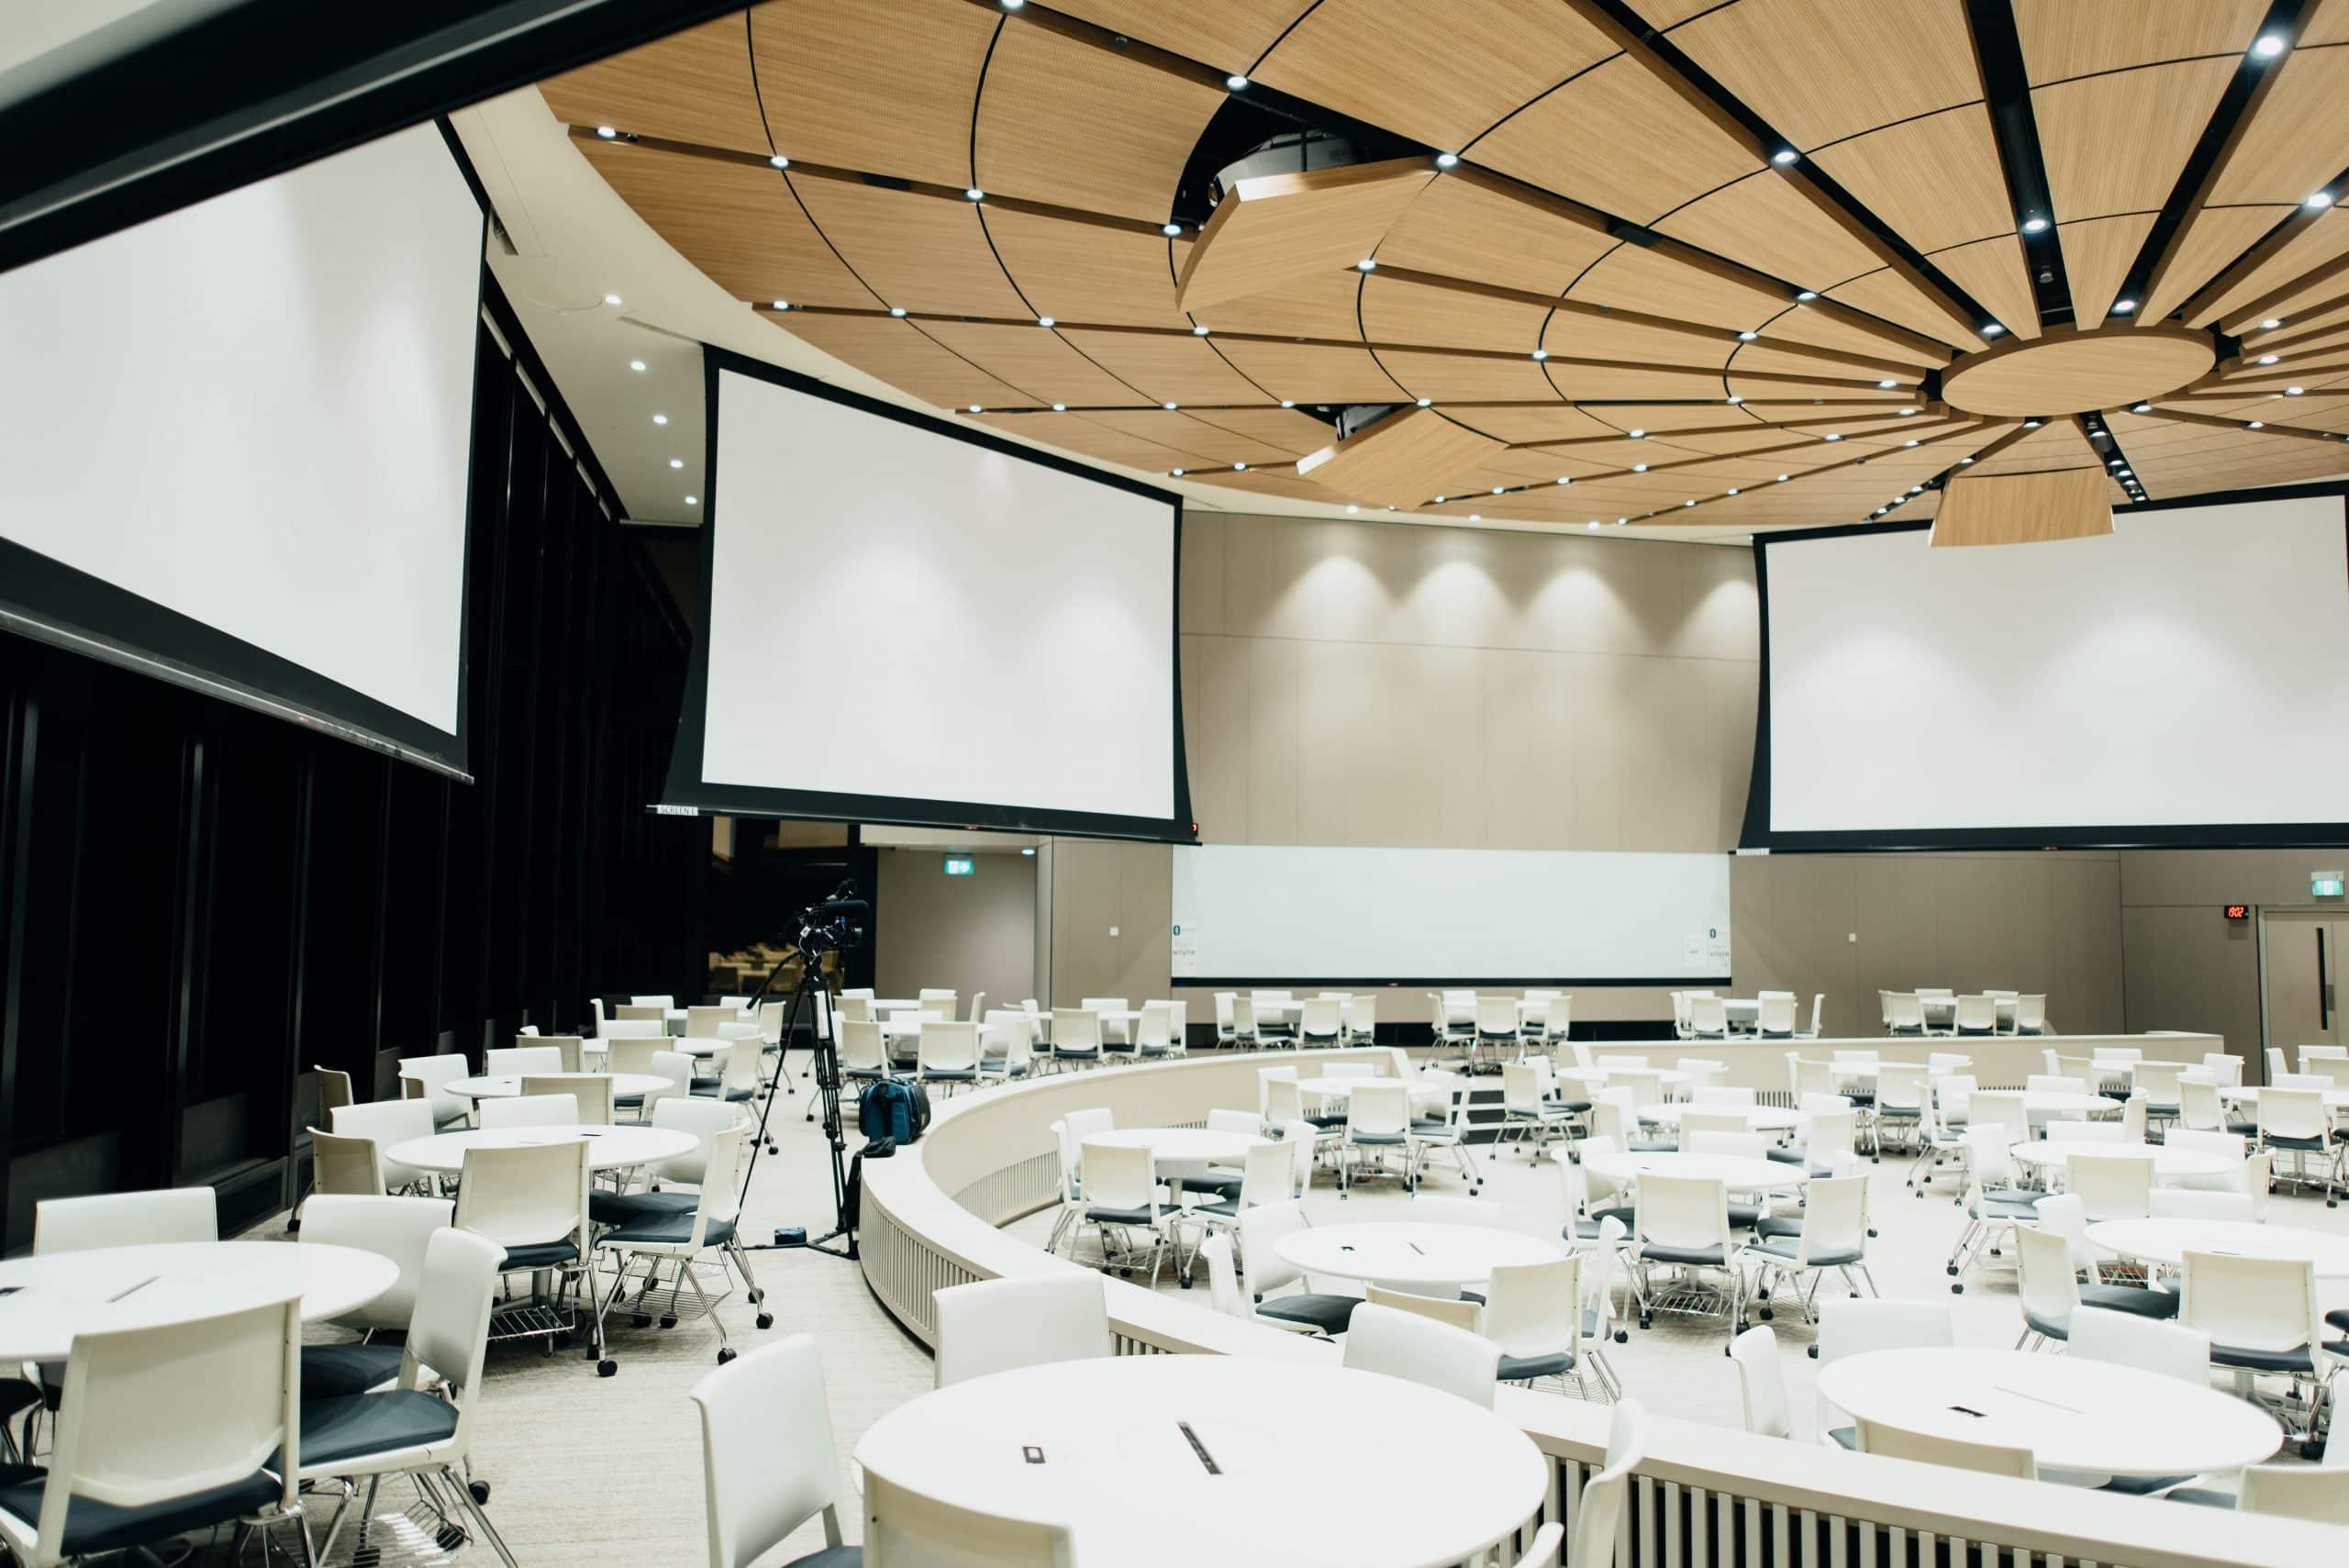 Grande salle avec des tables et des écrans pour un événement